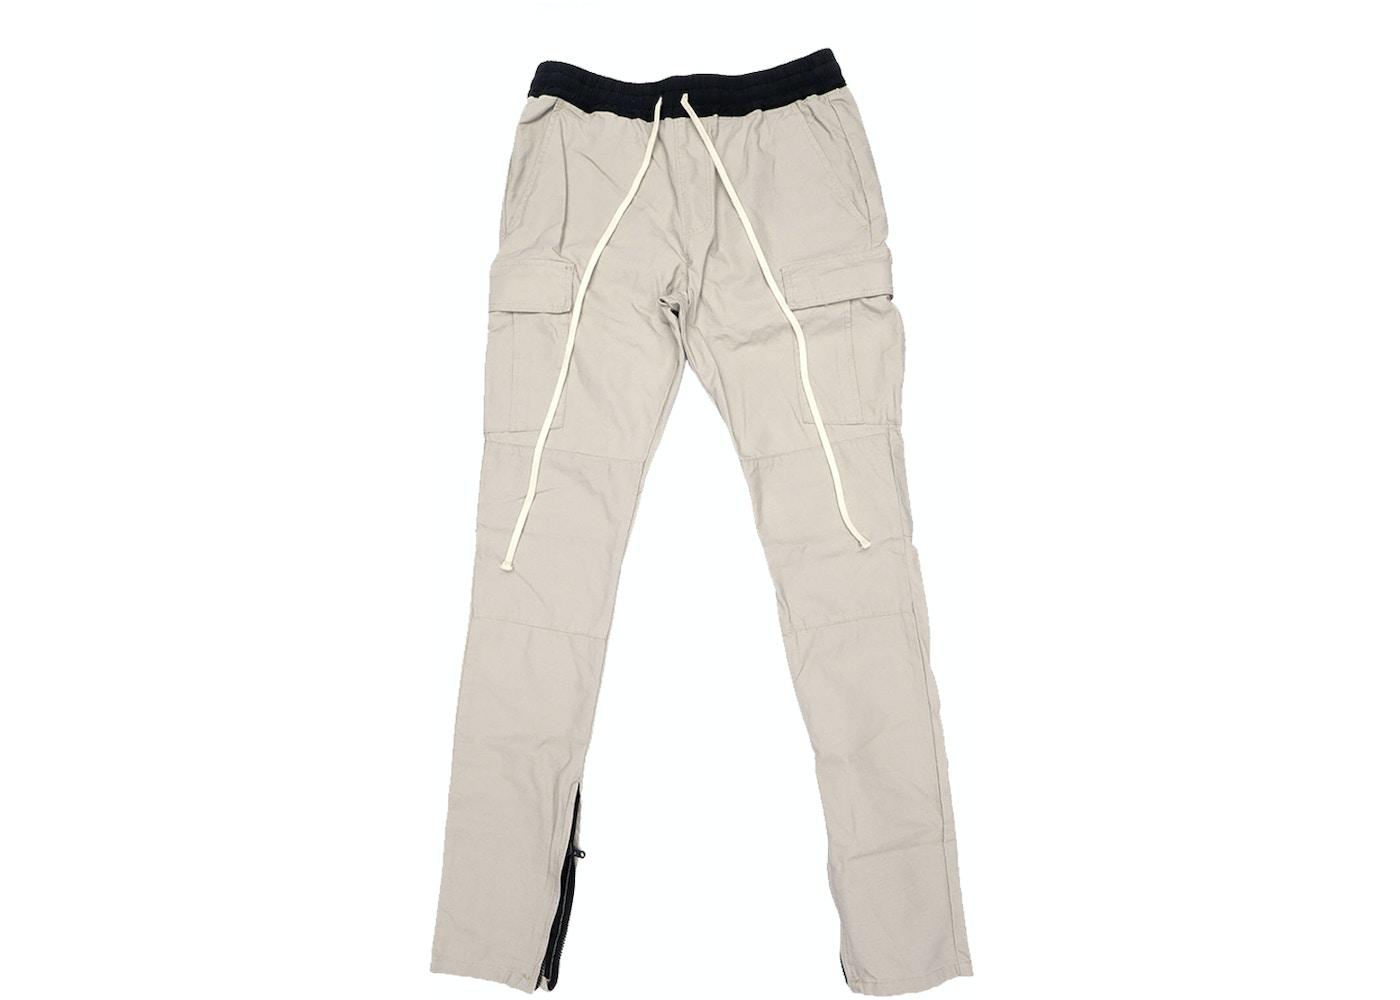 c2a4355a8b19d FEAR OF GOD Essentials Drawstring Cargo Pants Silver Grey - FOG ...